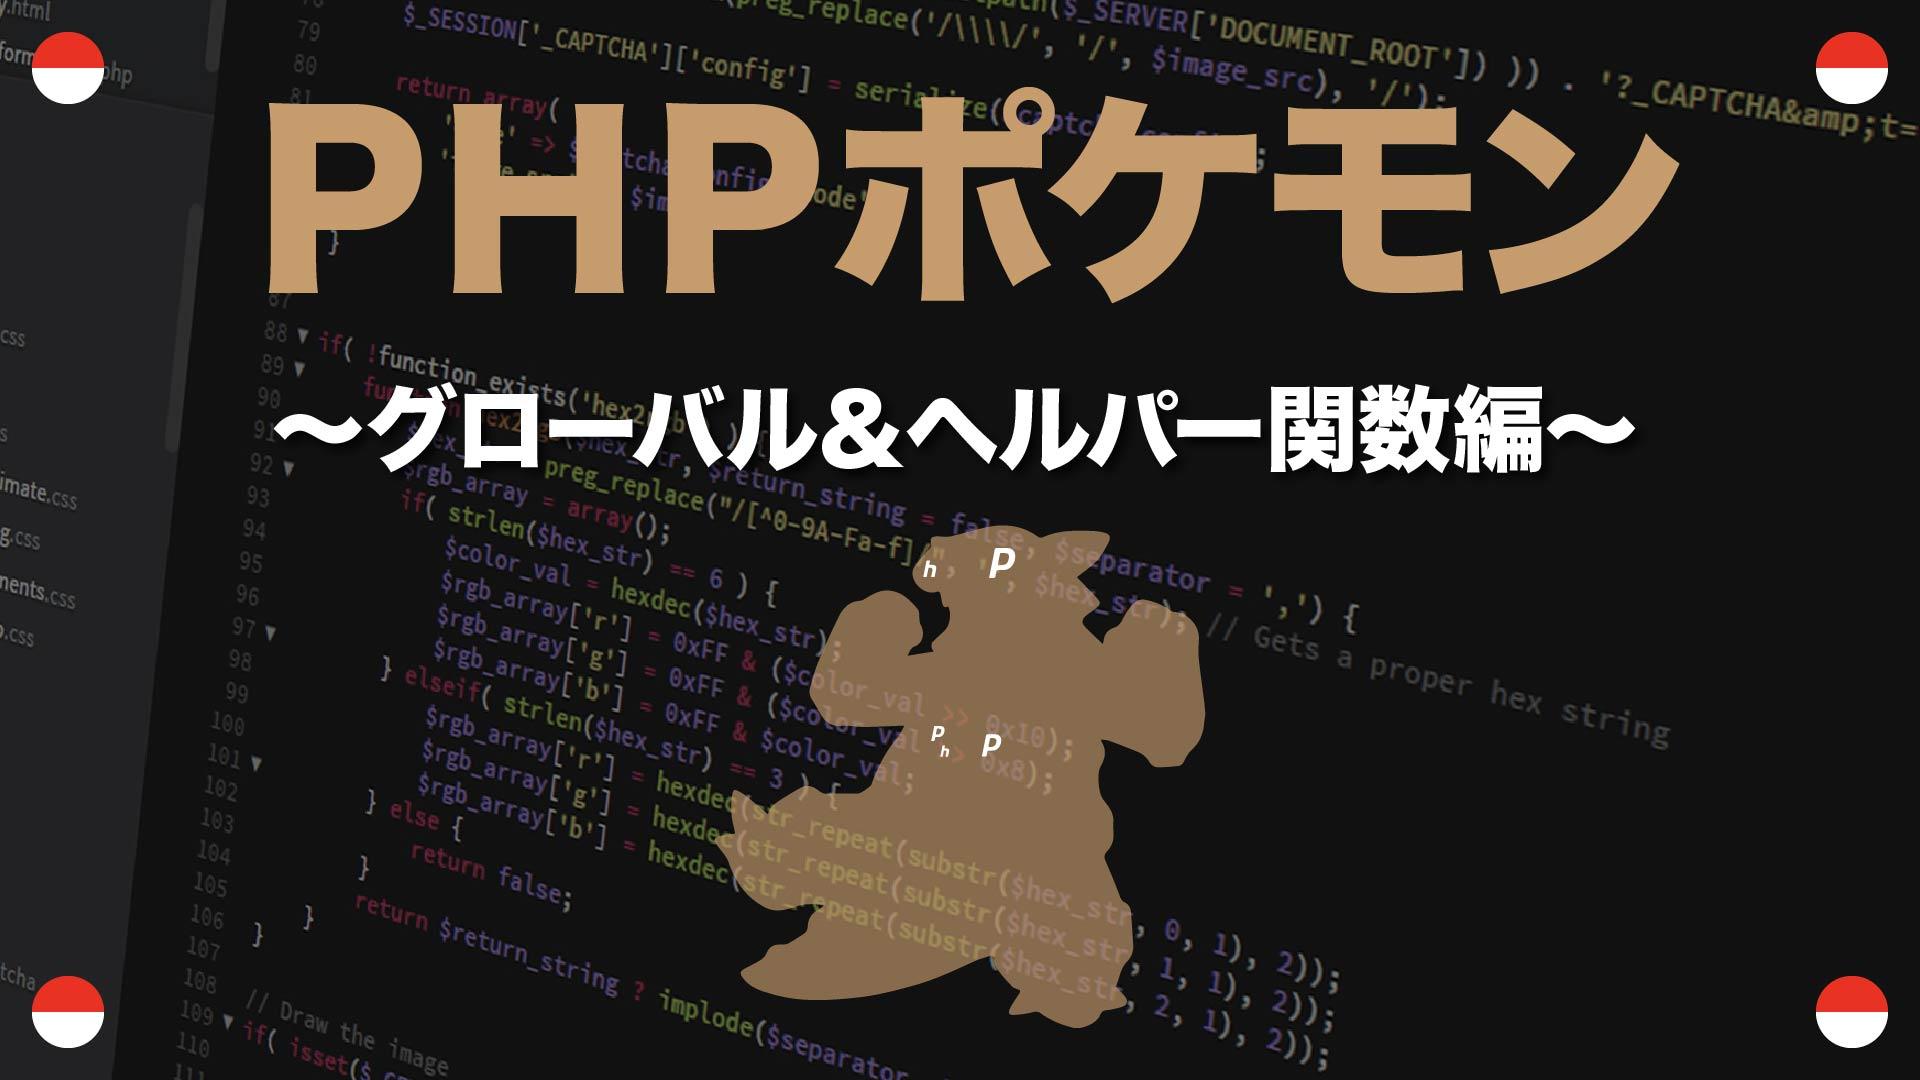 グローバル&ヘルパー関数編 PHPポケモン 61